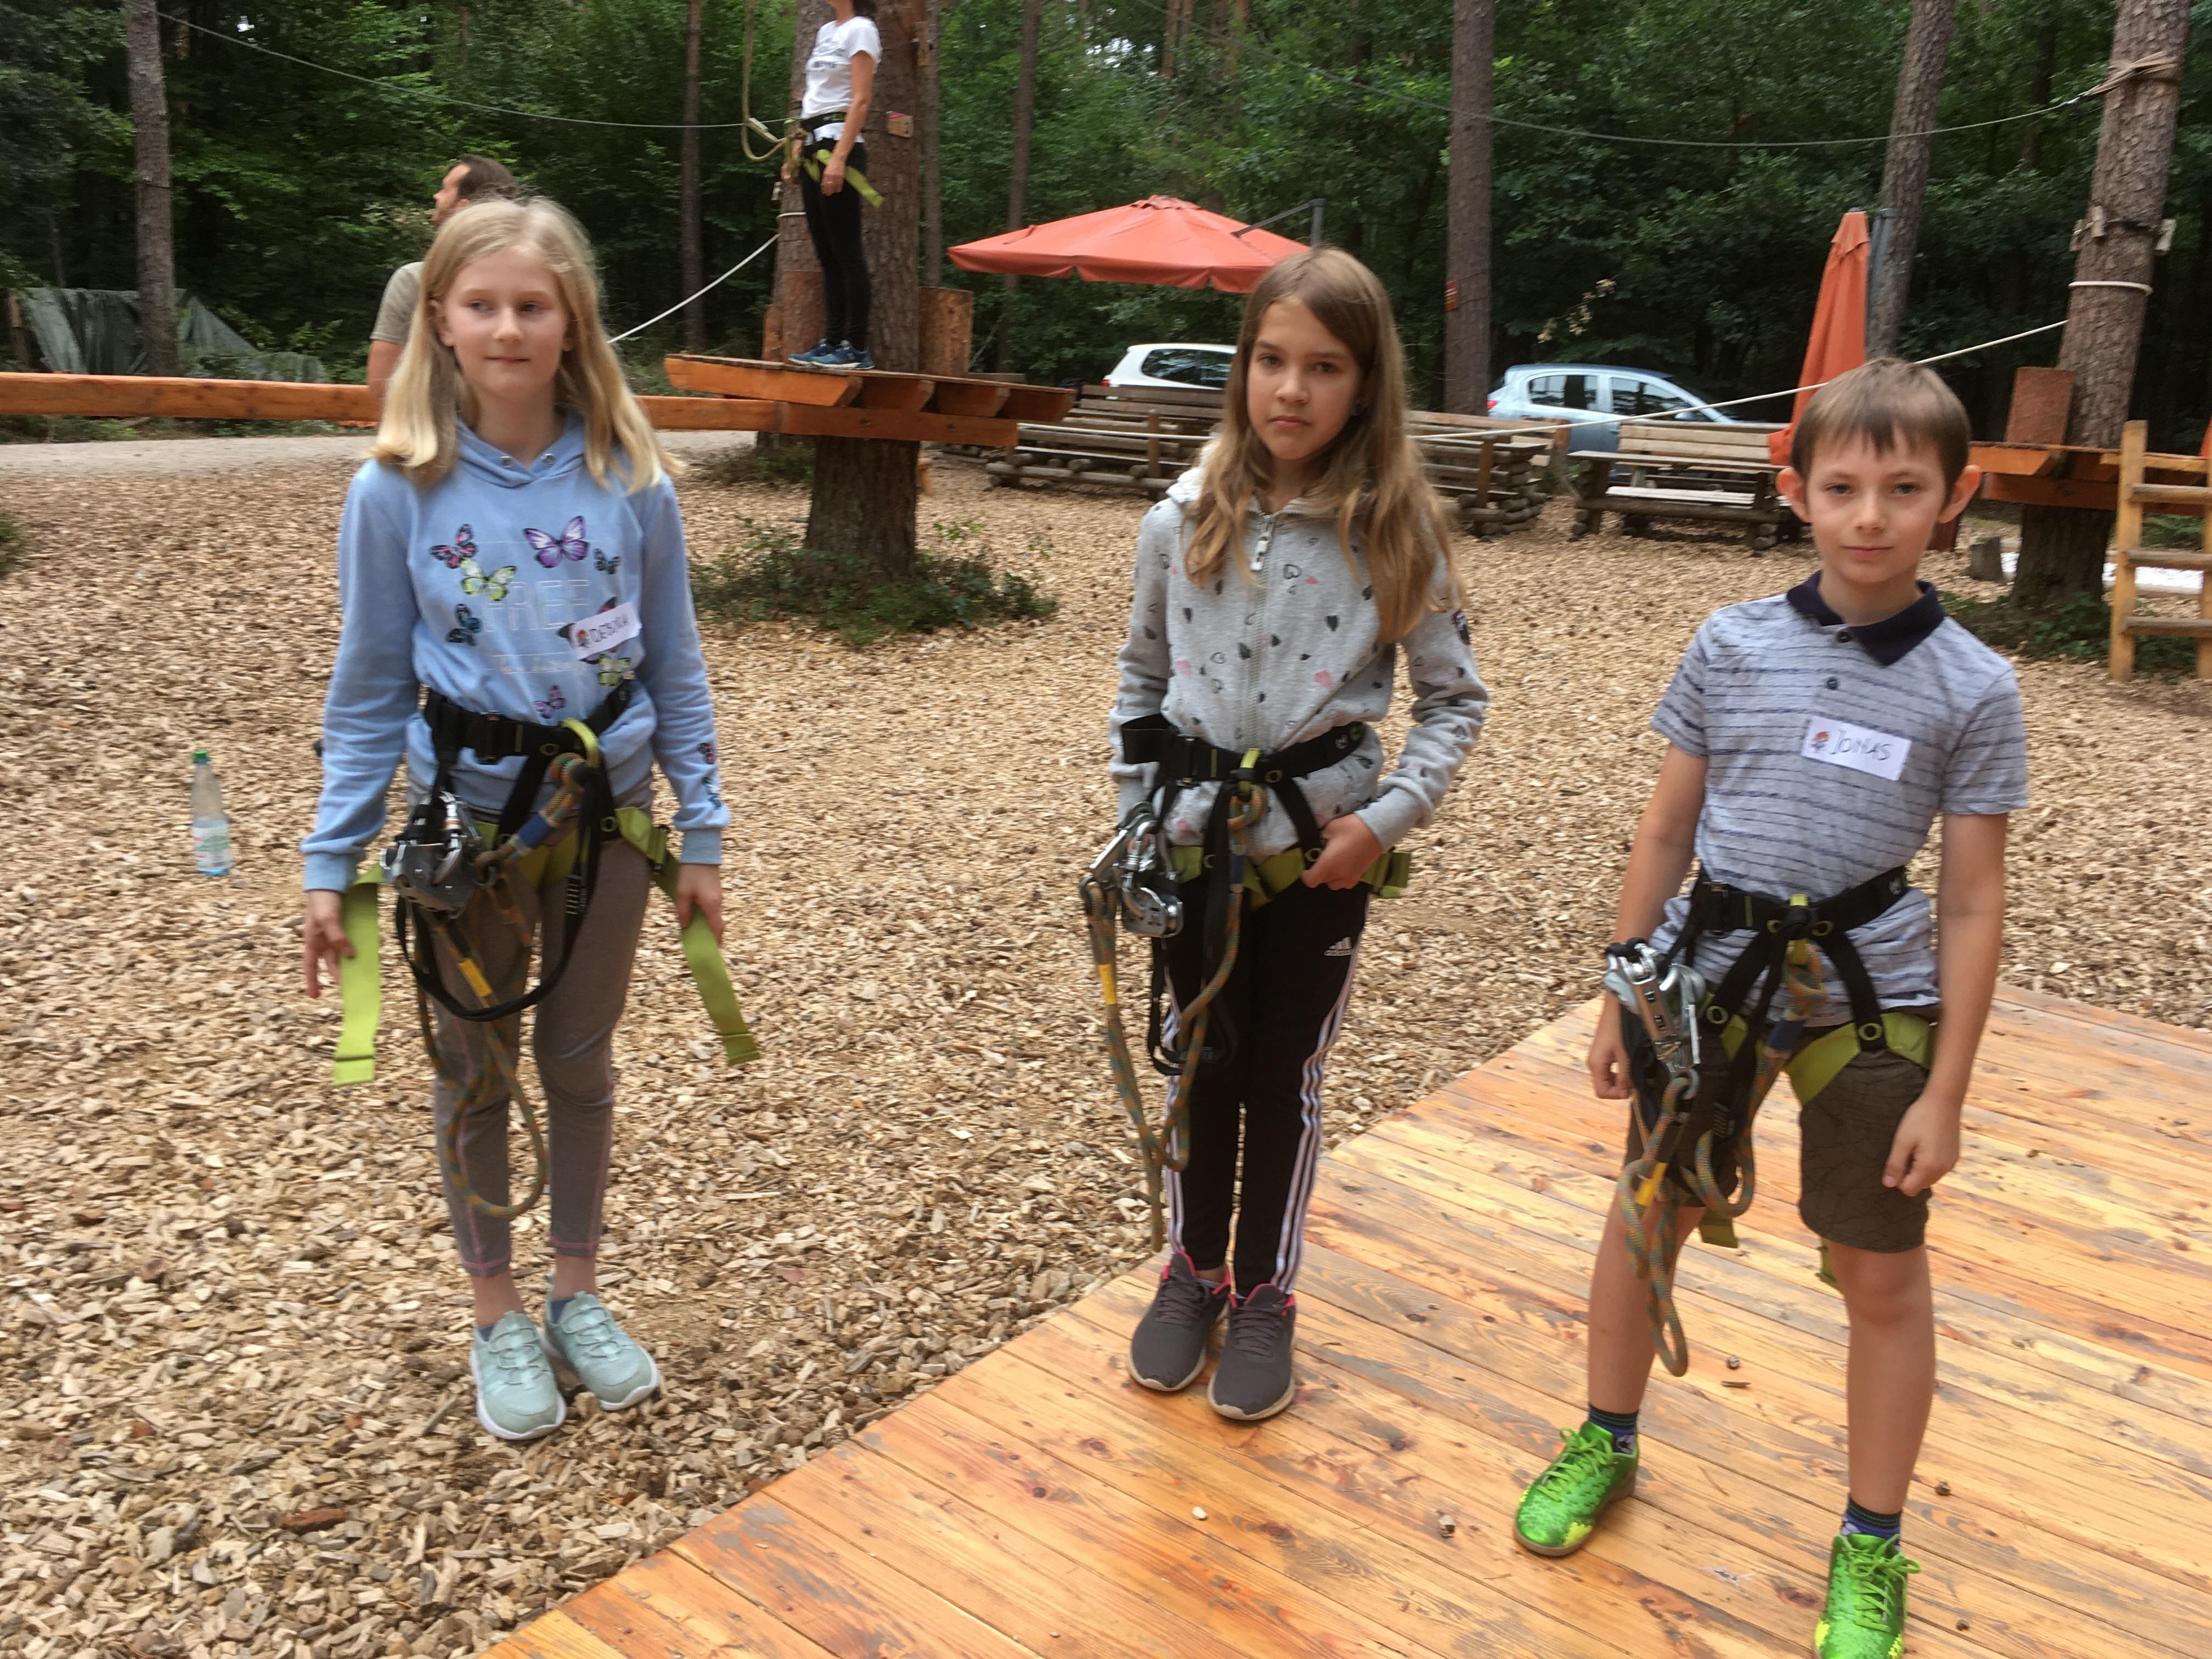 Geschwisterkinder-Projekt kommt gut an. Der Ausflug zum Hochseilgarten kam bei den Teilnehmerinnen und Teilnehmern gut an.